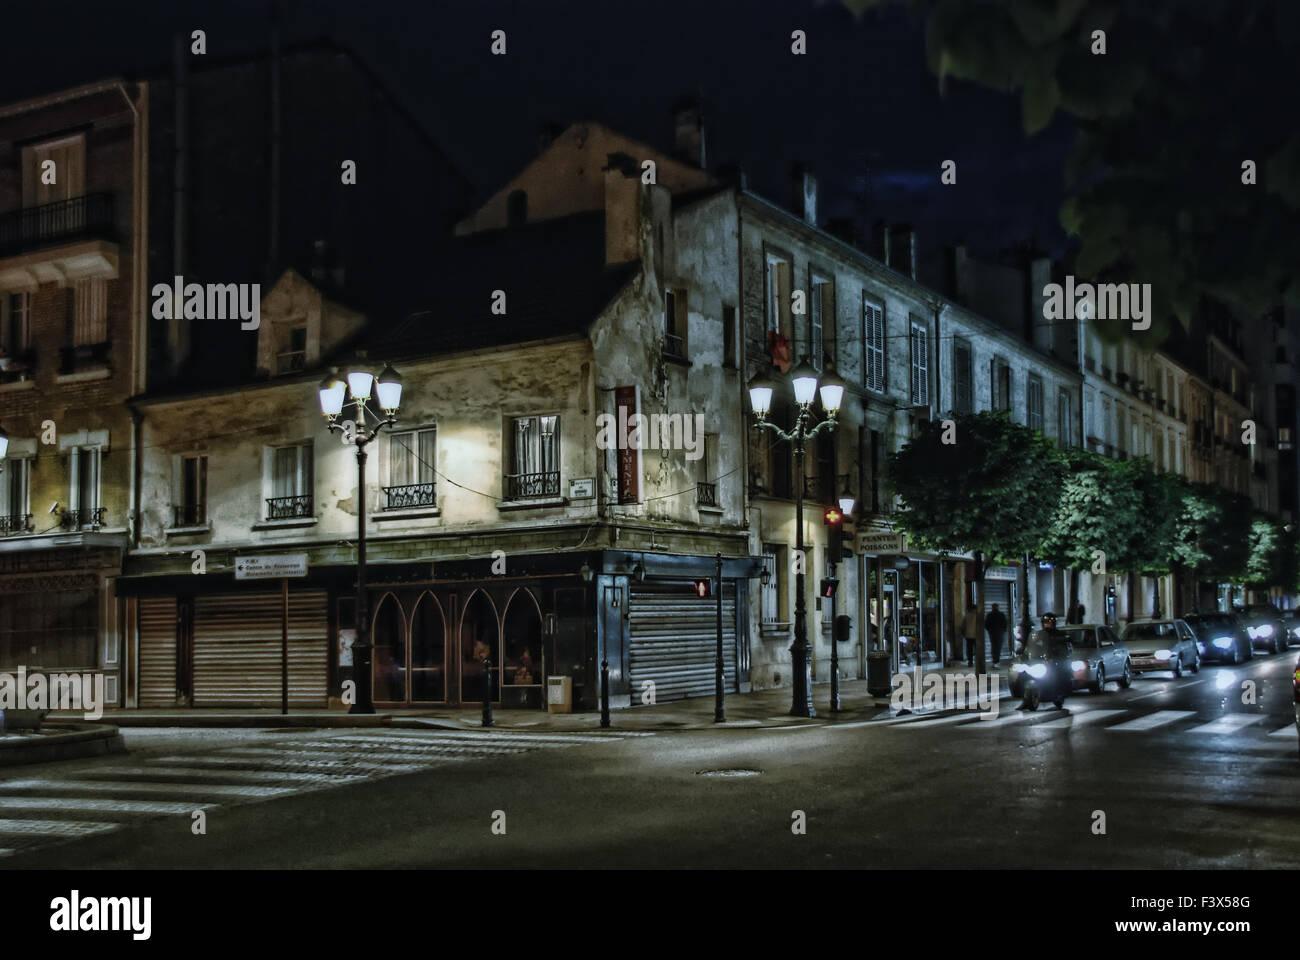 Little Paris Stock Photos & Little Paris Stock Images - Alamy